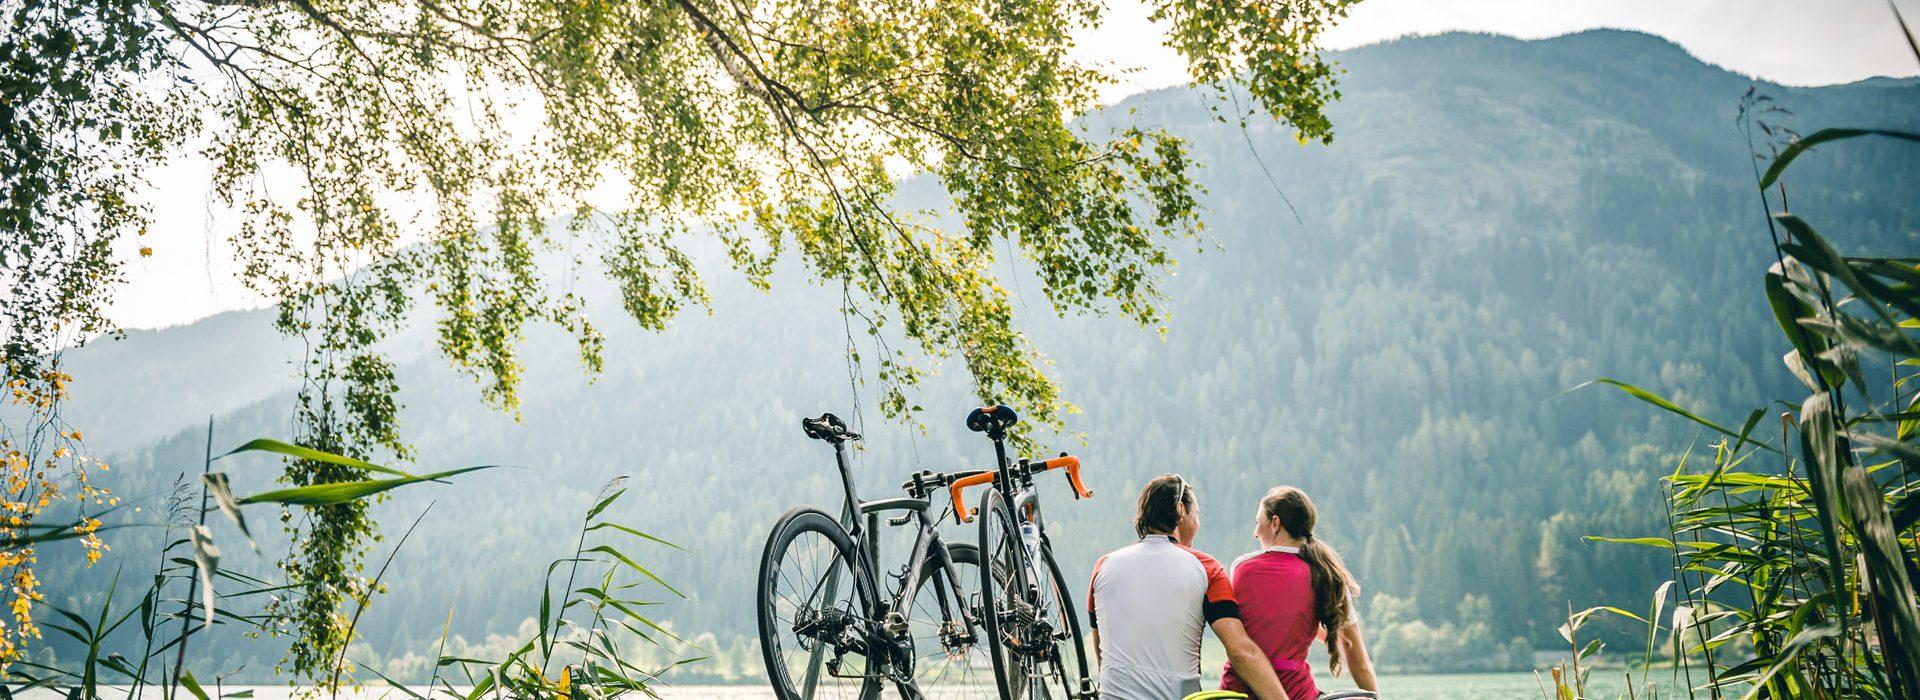 Alpe-Adria TransAlp - rennrad-events, infos-aus-den-regionen